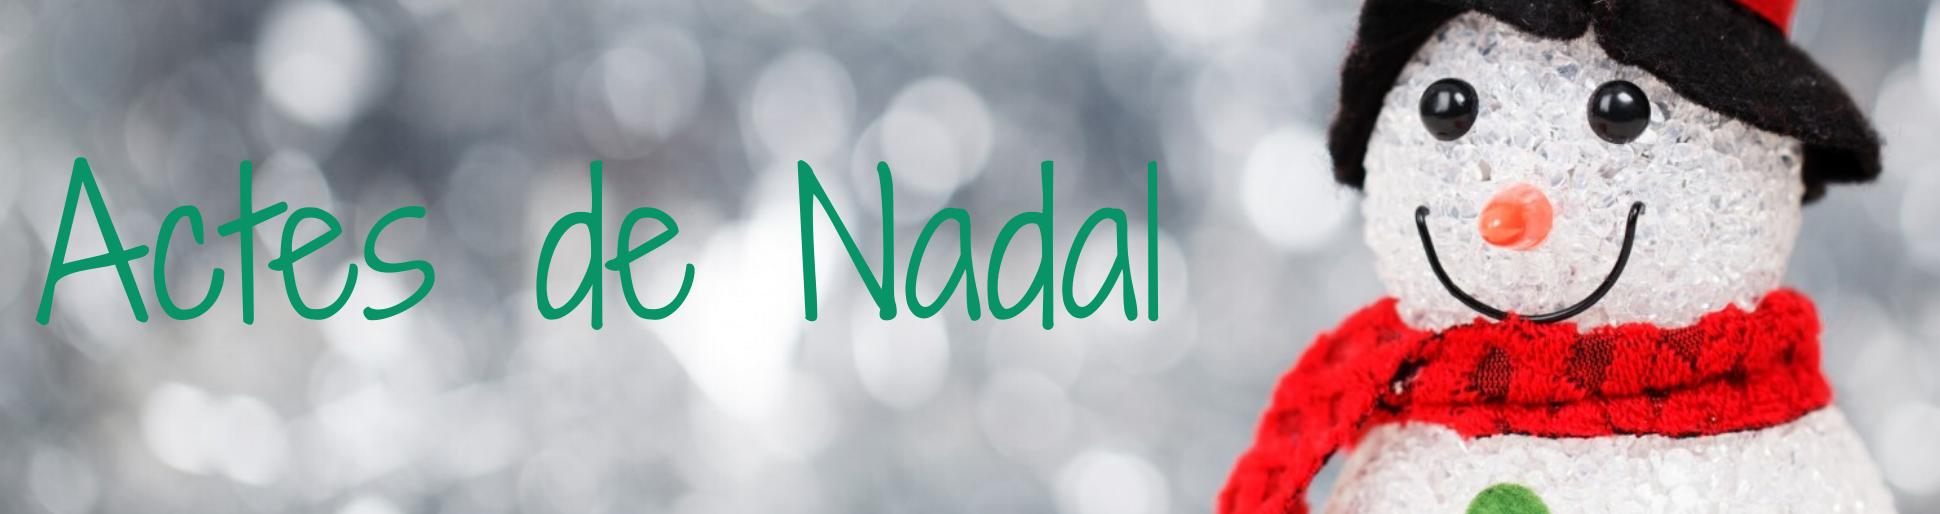 actes_de_nadal